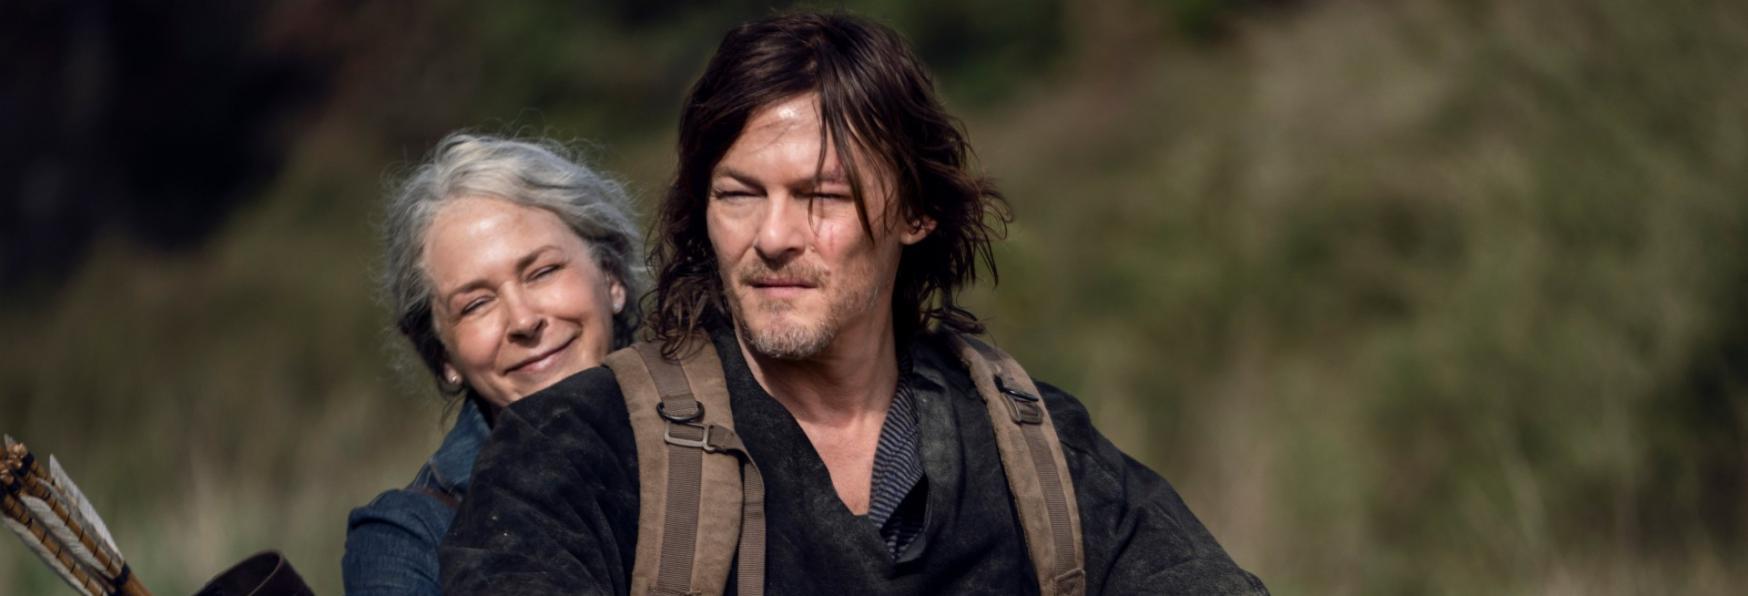 The Walking Dead: Origins - AMC annuncia la nuova Serie di Speciali